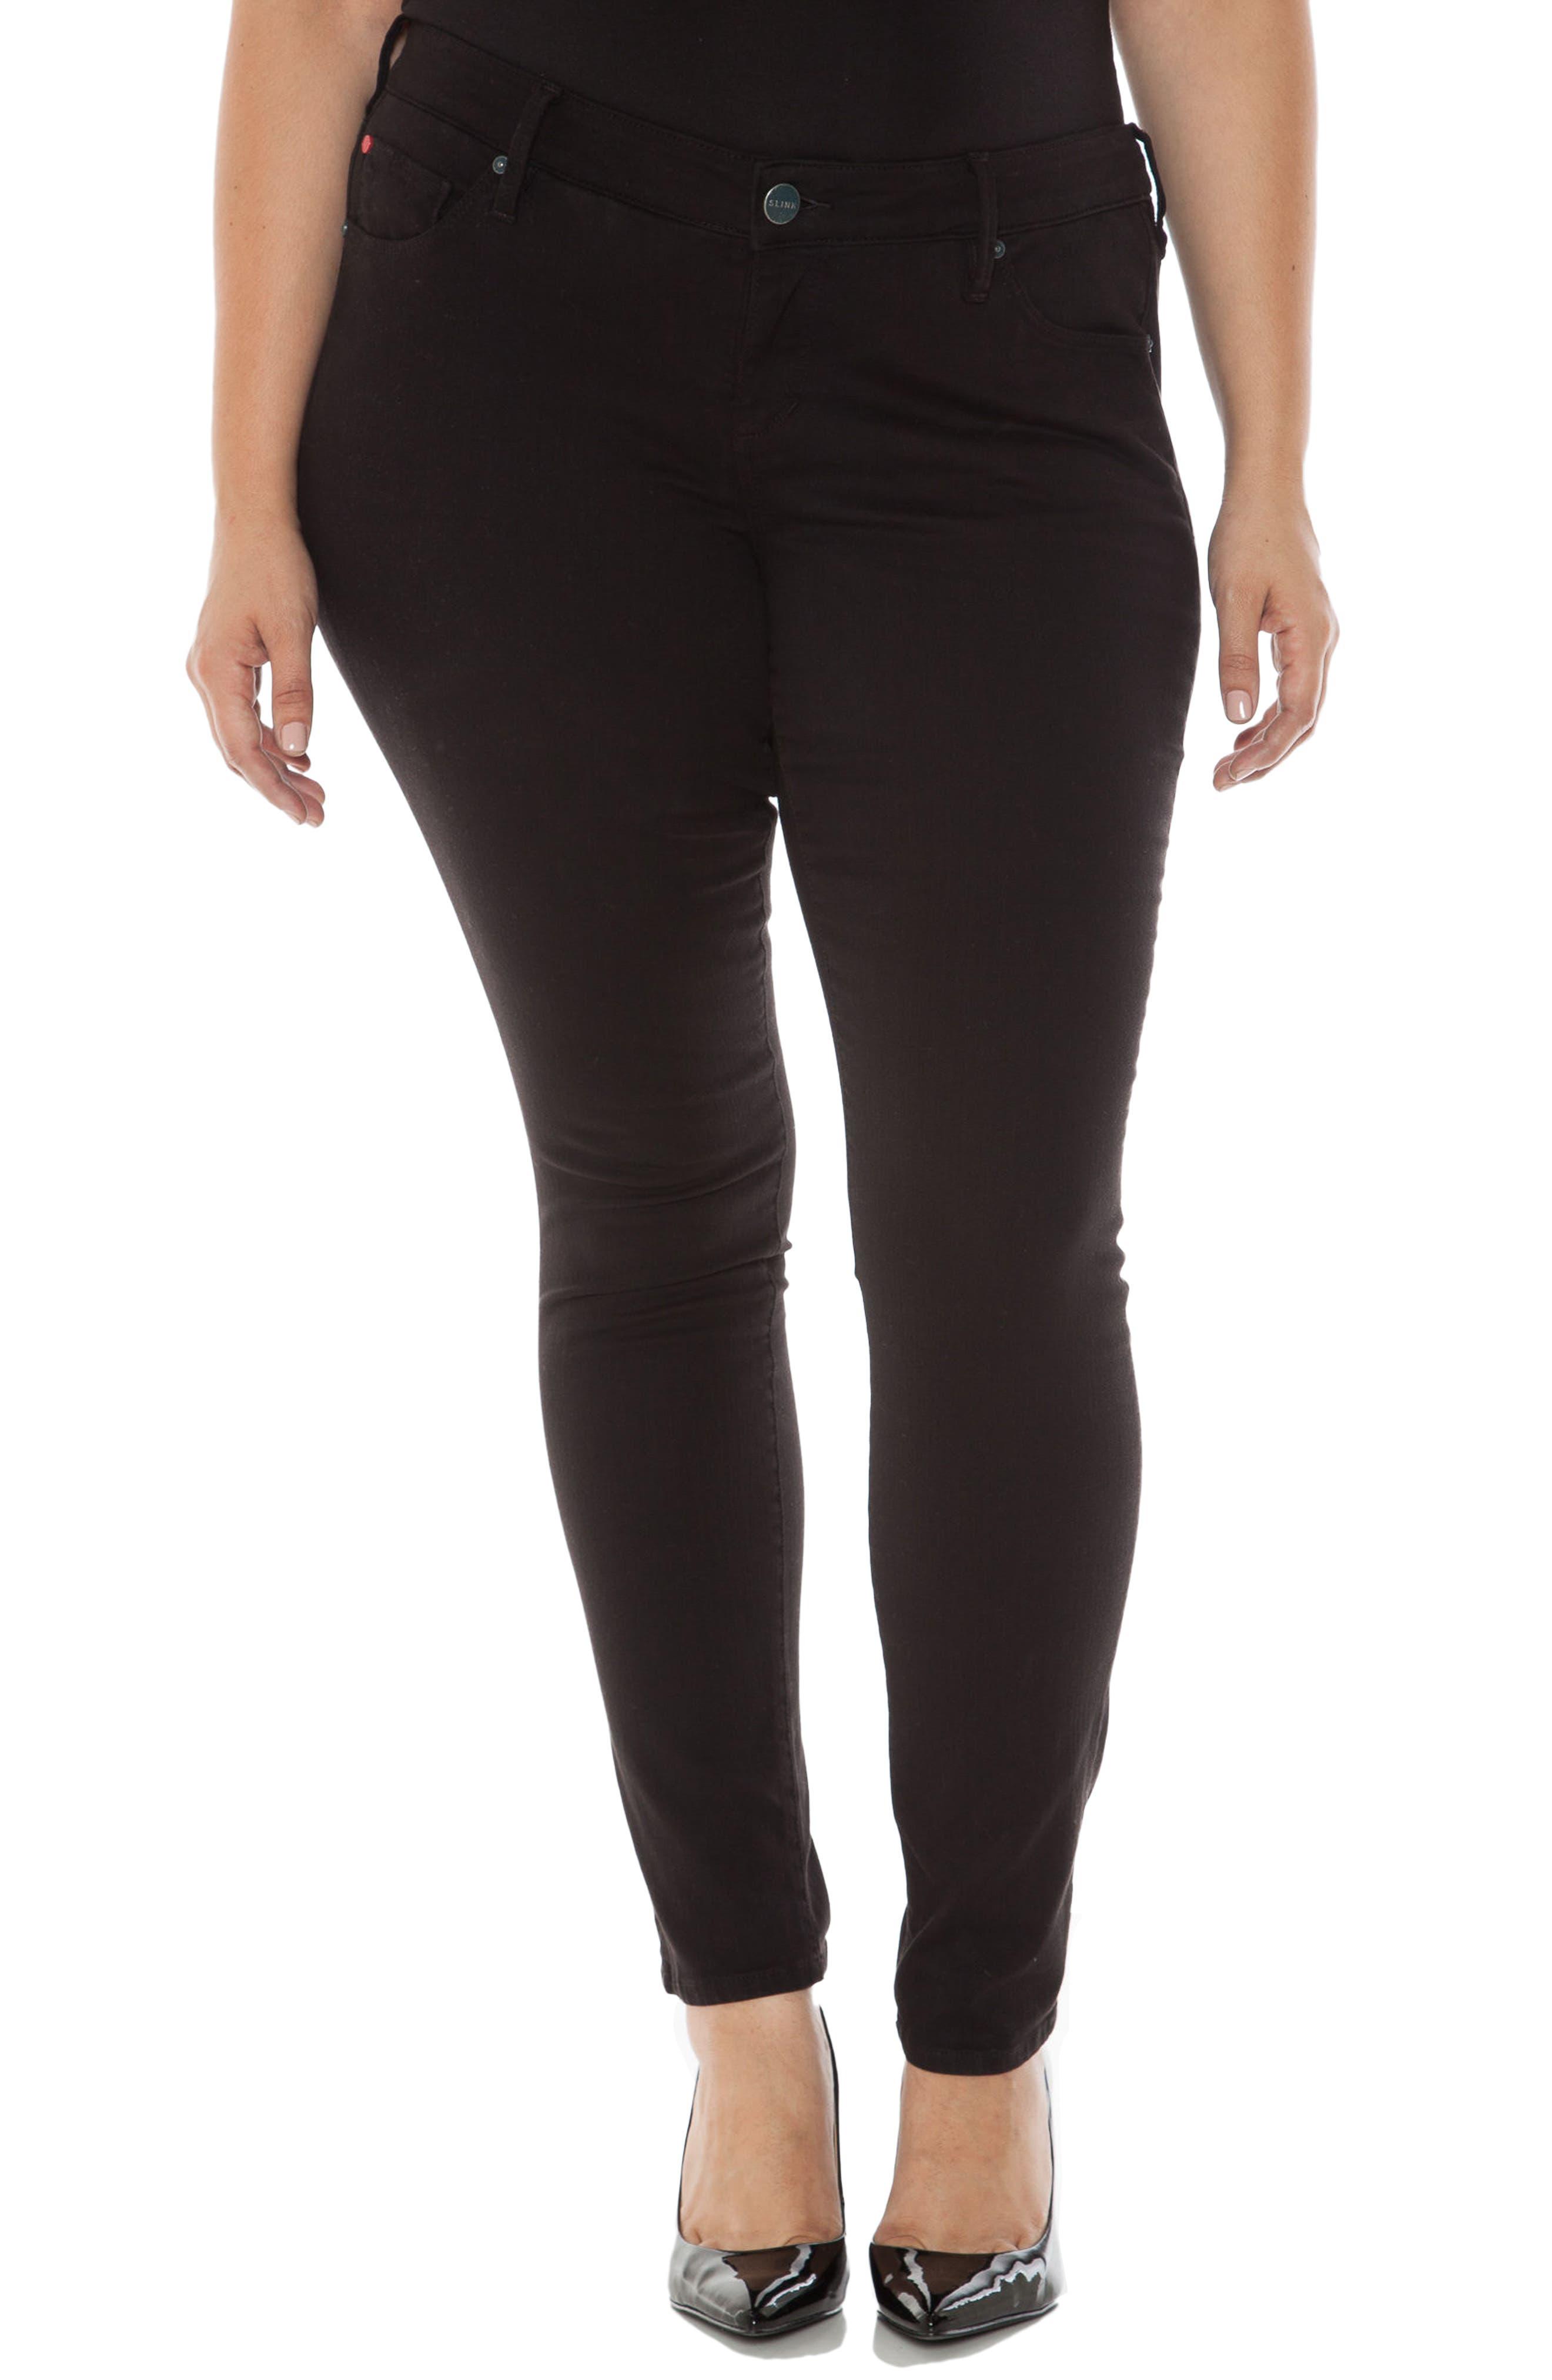 Plus Women's Slink Jeans 'The Skinny' Stretch Denim Jeans